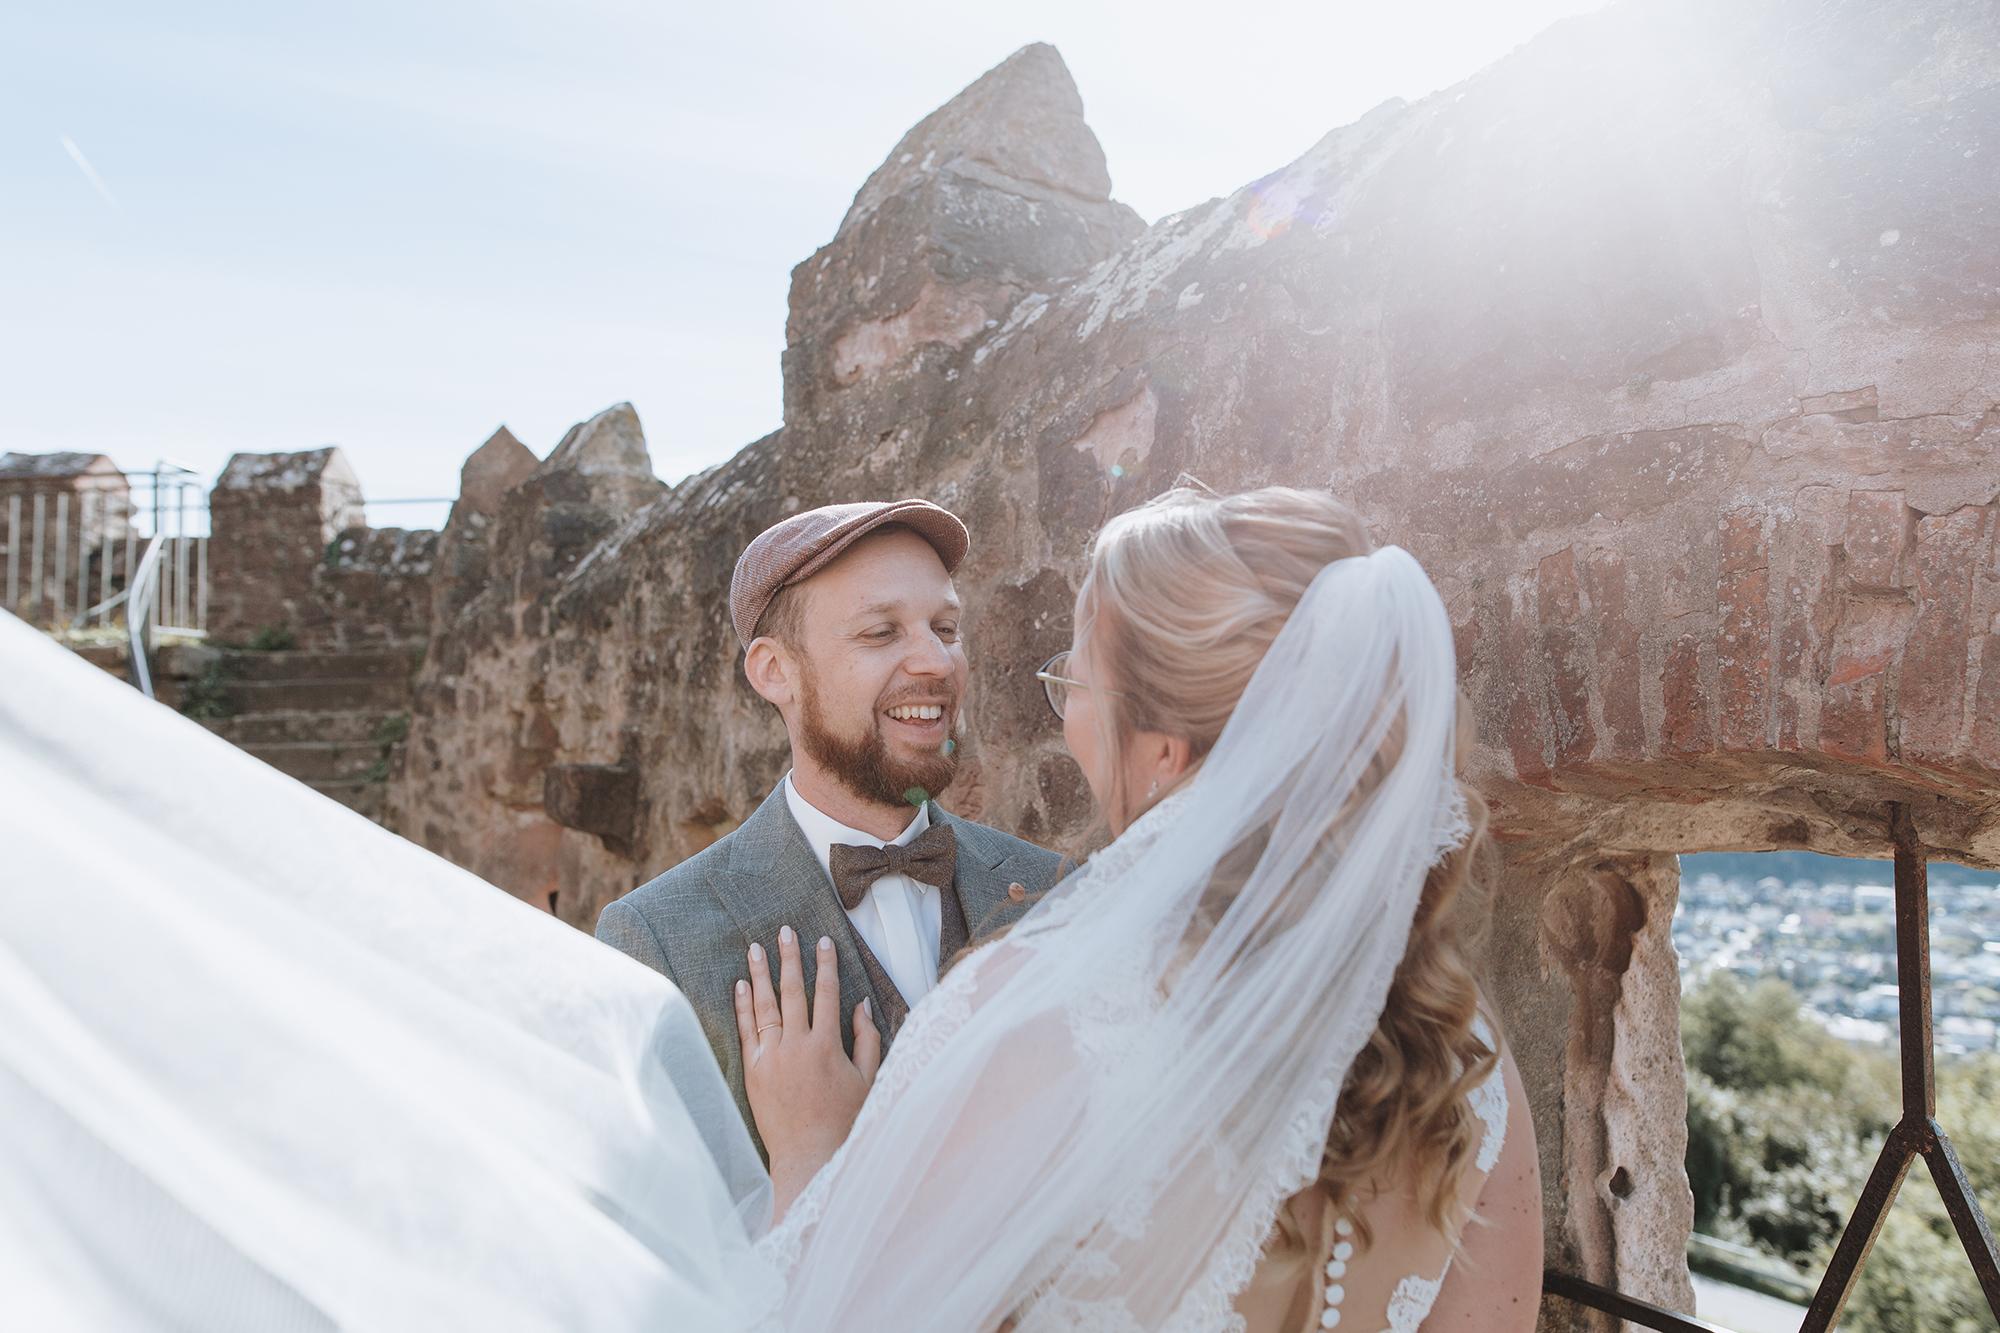 Pärchenbilder am Hochzeitstag - Paarshooting Hochzeitsfotograf